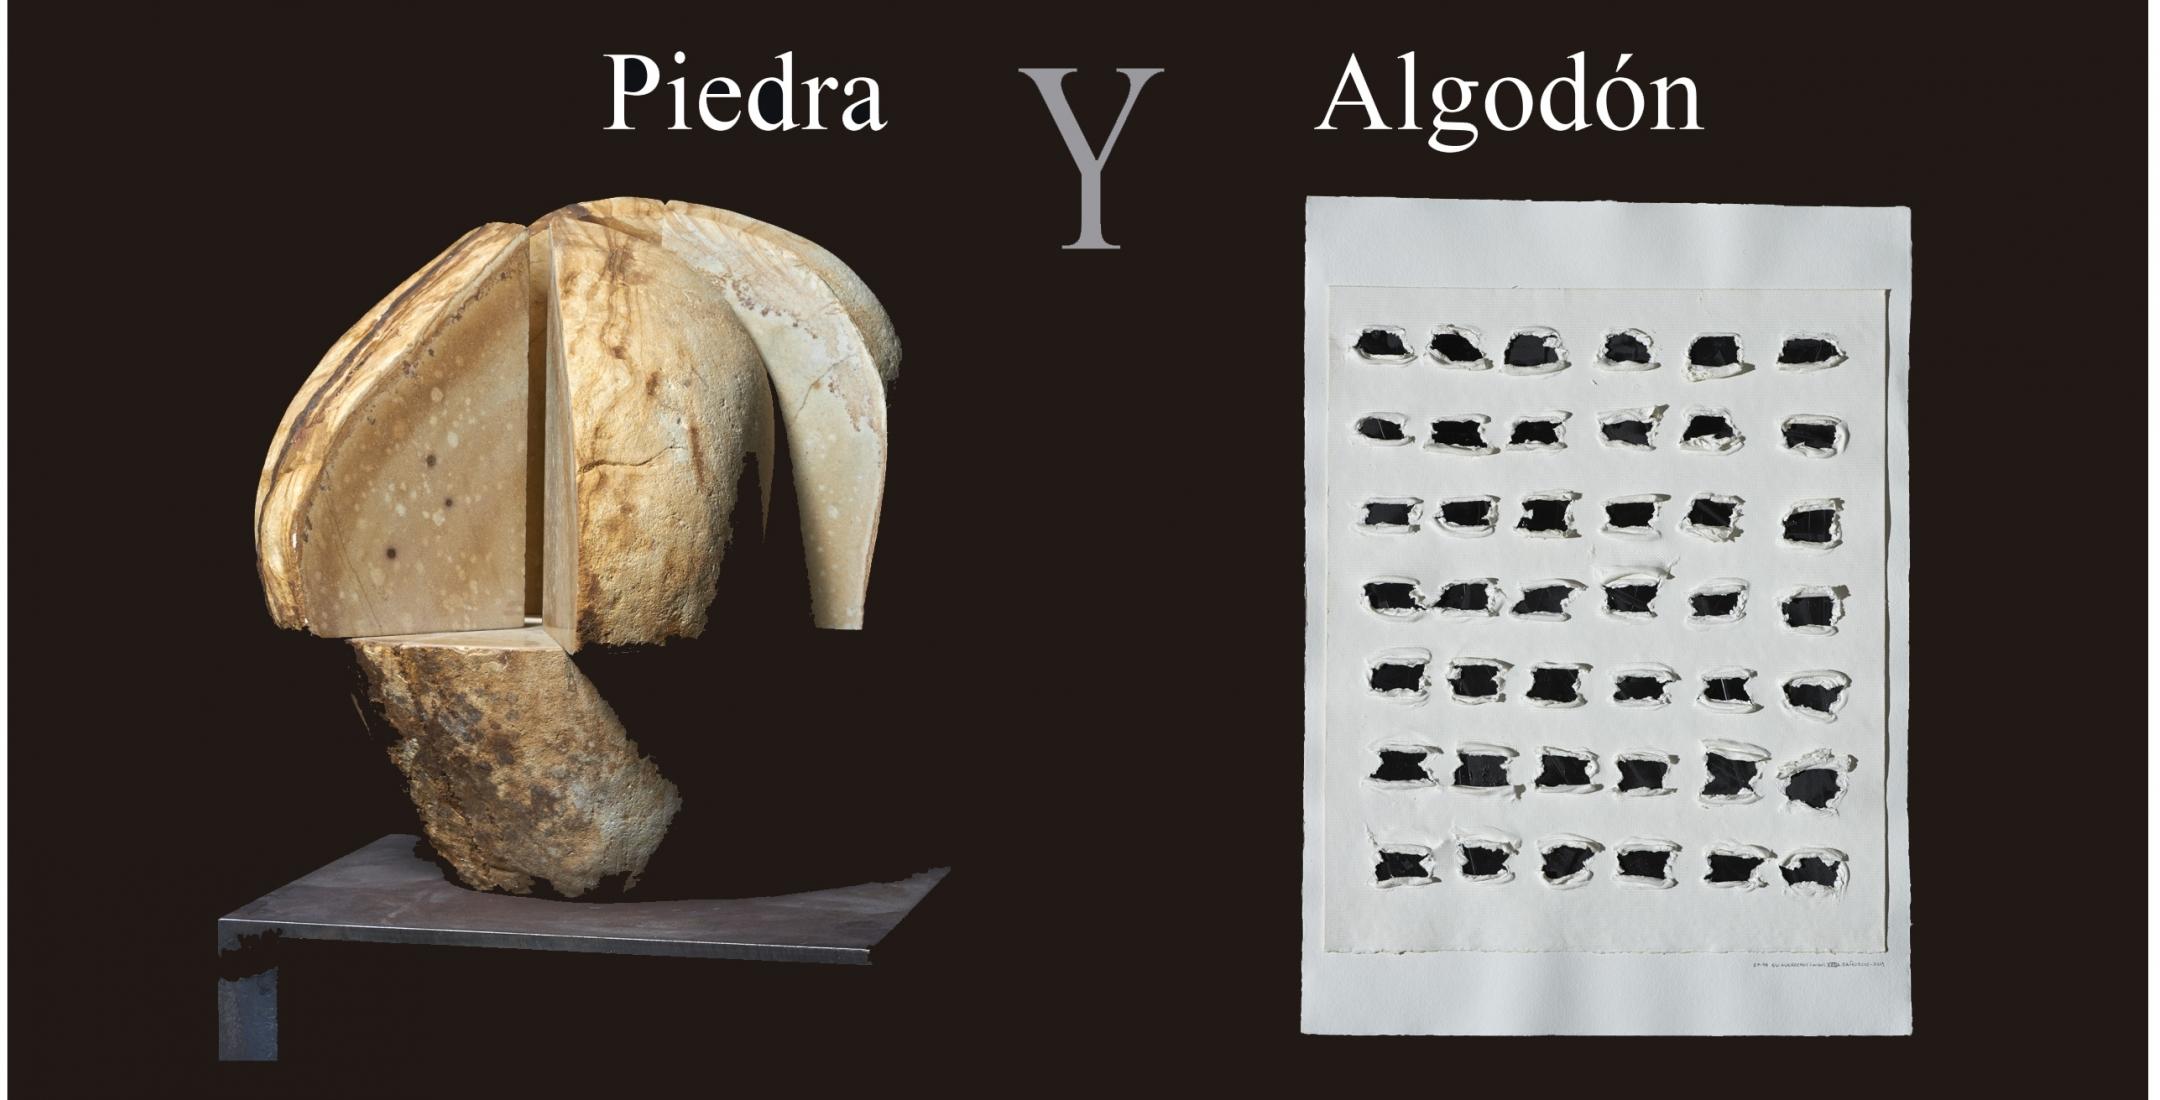 Hg Contemporary presents Piedra y Algodon by Alberto Bañuelos